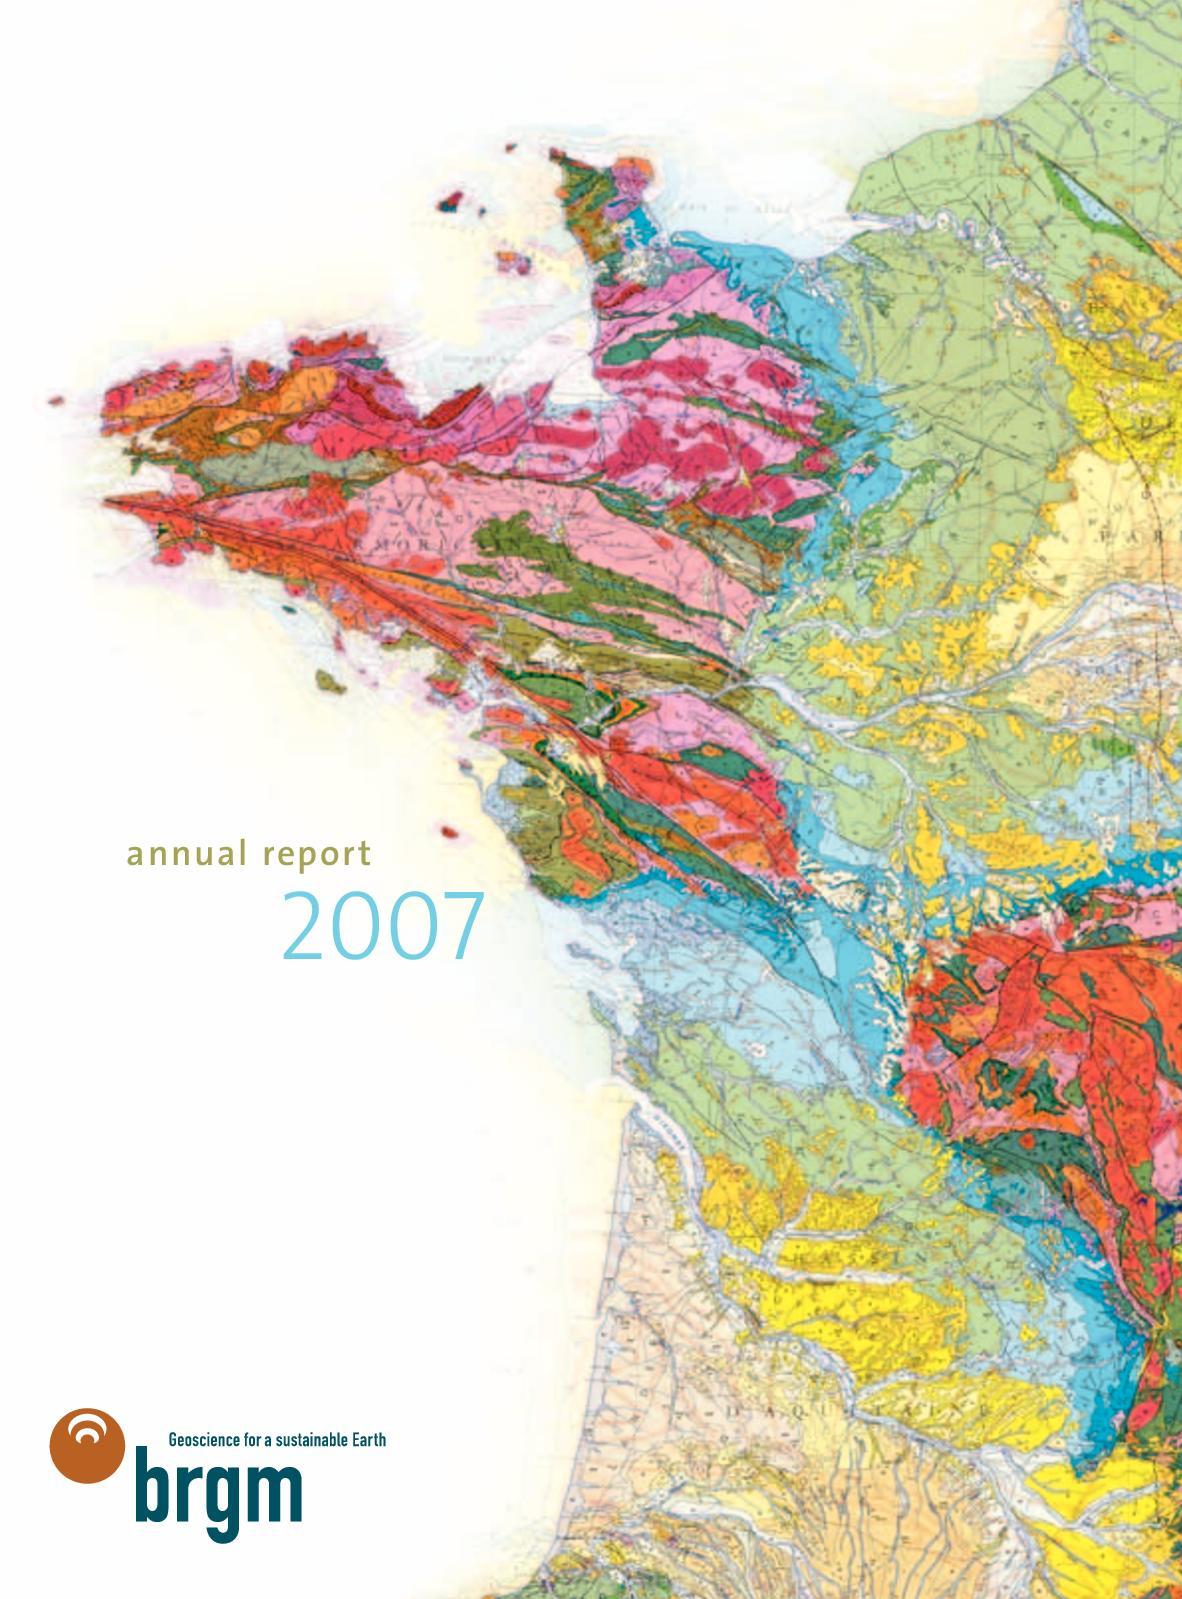 Le Jardin Des Provinces Pessac Best Of Calaméo 2007 Annual Report